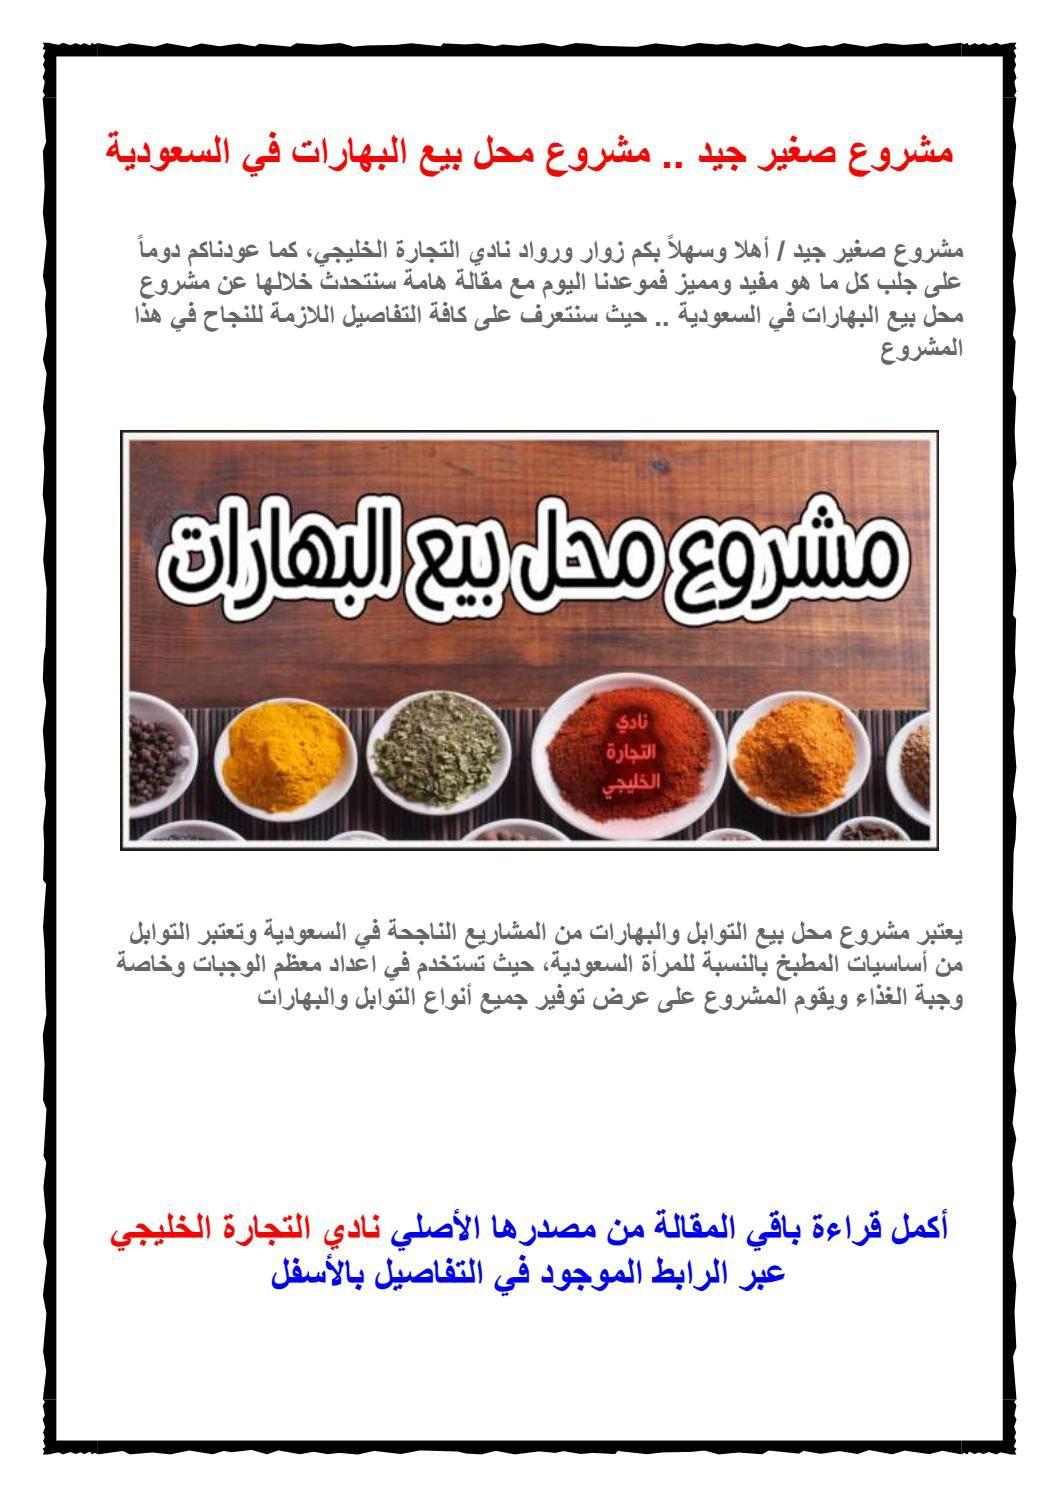 مشروع صغير جيد مشروع محل بيع البهارات في السعودية Microsoft Word Document Condiments Food